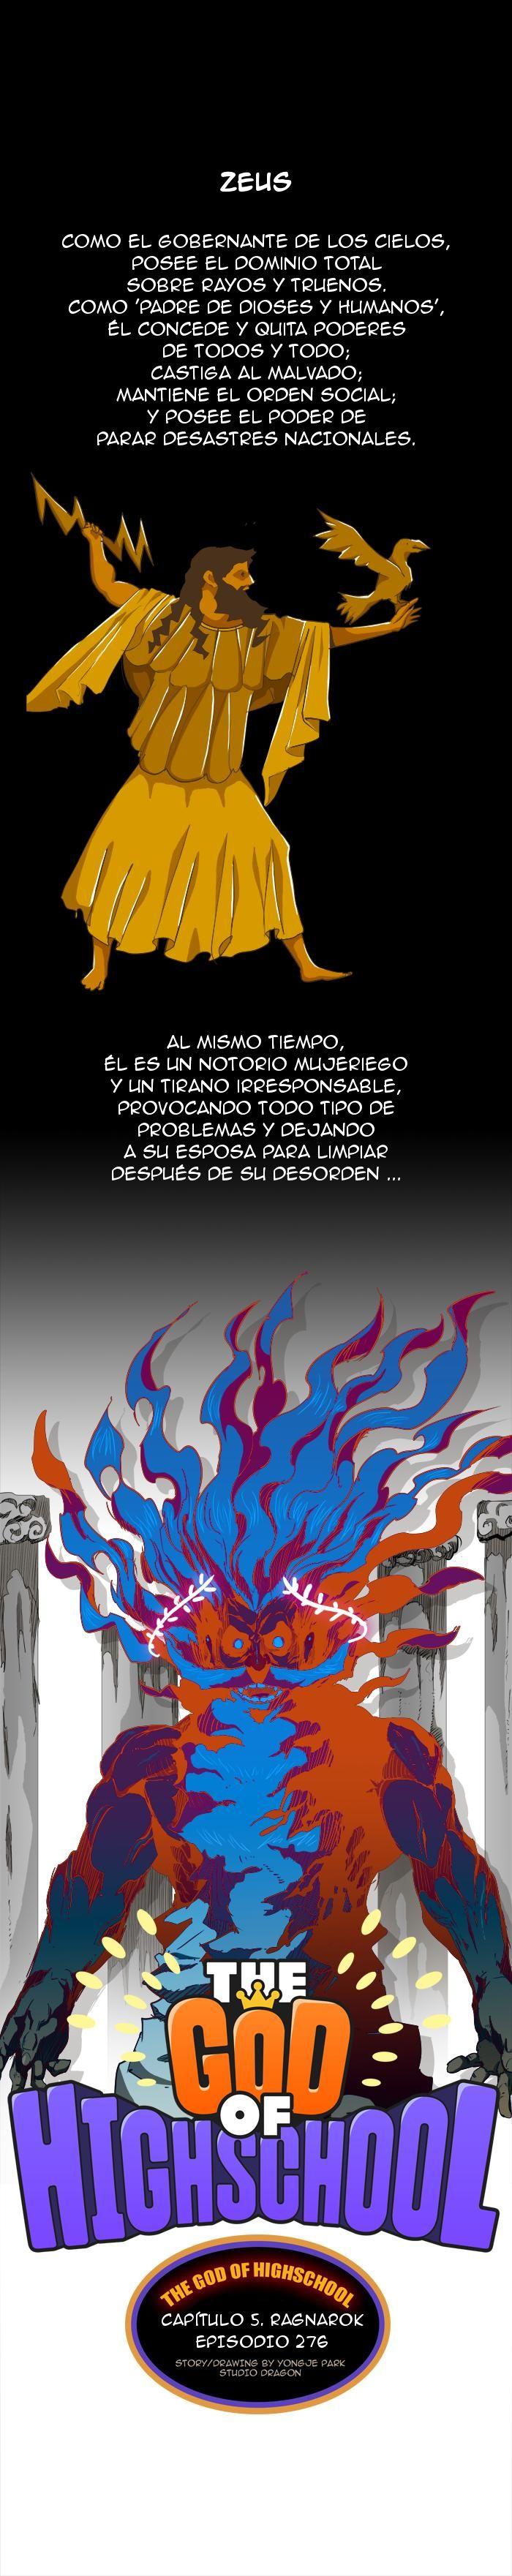 http://c5.ninemanga.com/es_manga/pic2/37/485/503973/26519932e15ae812a698bc2e0b1d1377.jpg Page 2